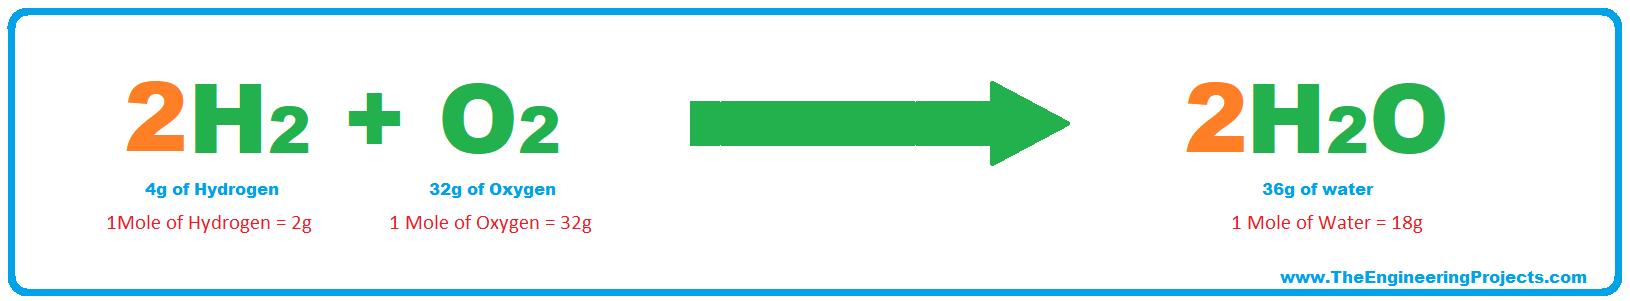 Stoichiometry, what is Stoichiometry, Stoichiometry laws, Stoichiometry rules, Stoichiometry definition, Stoichiometry problems, Stoichiometry examples, Stoichiometry conversions, Stoichiometry calculations, balanced reaction